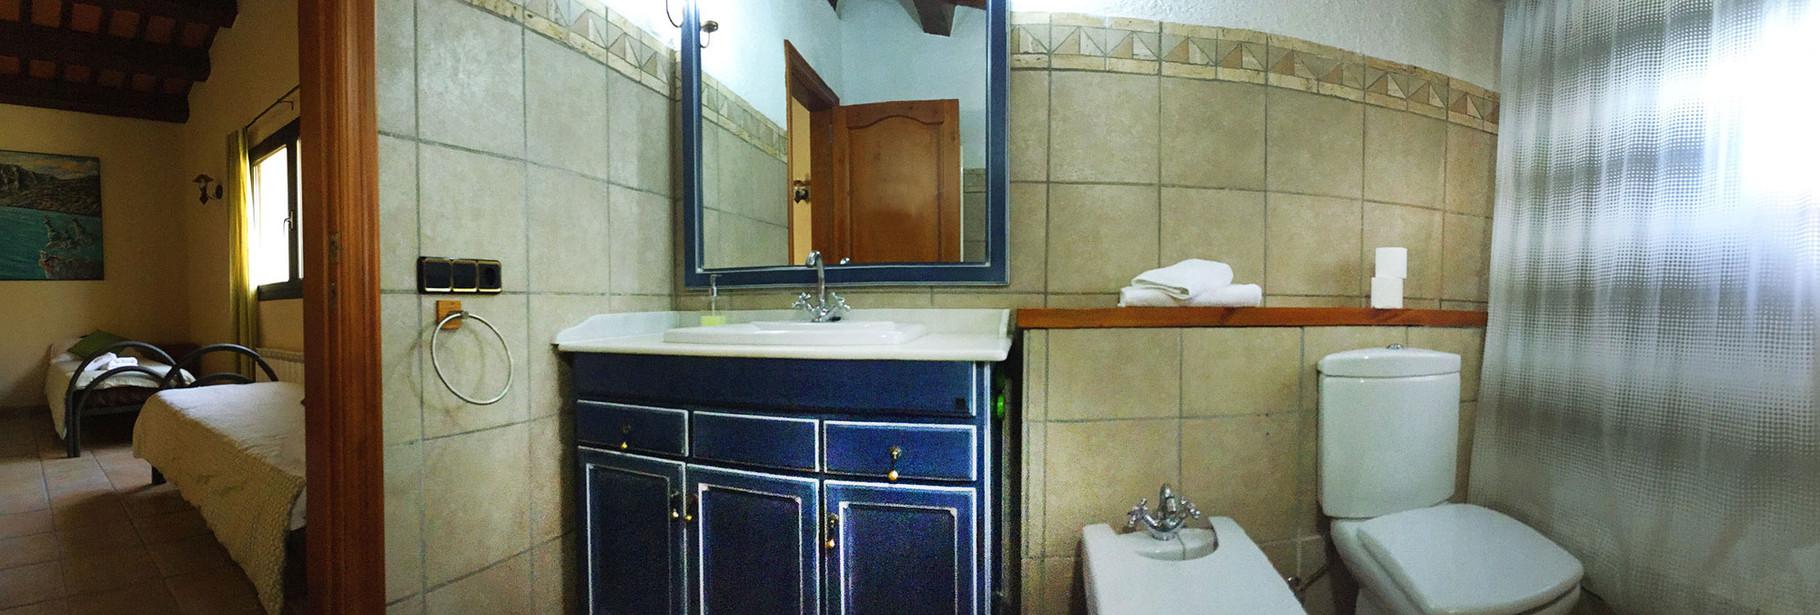 Amplio lavabo de estilo